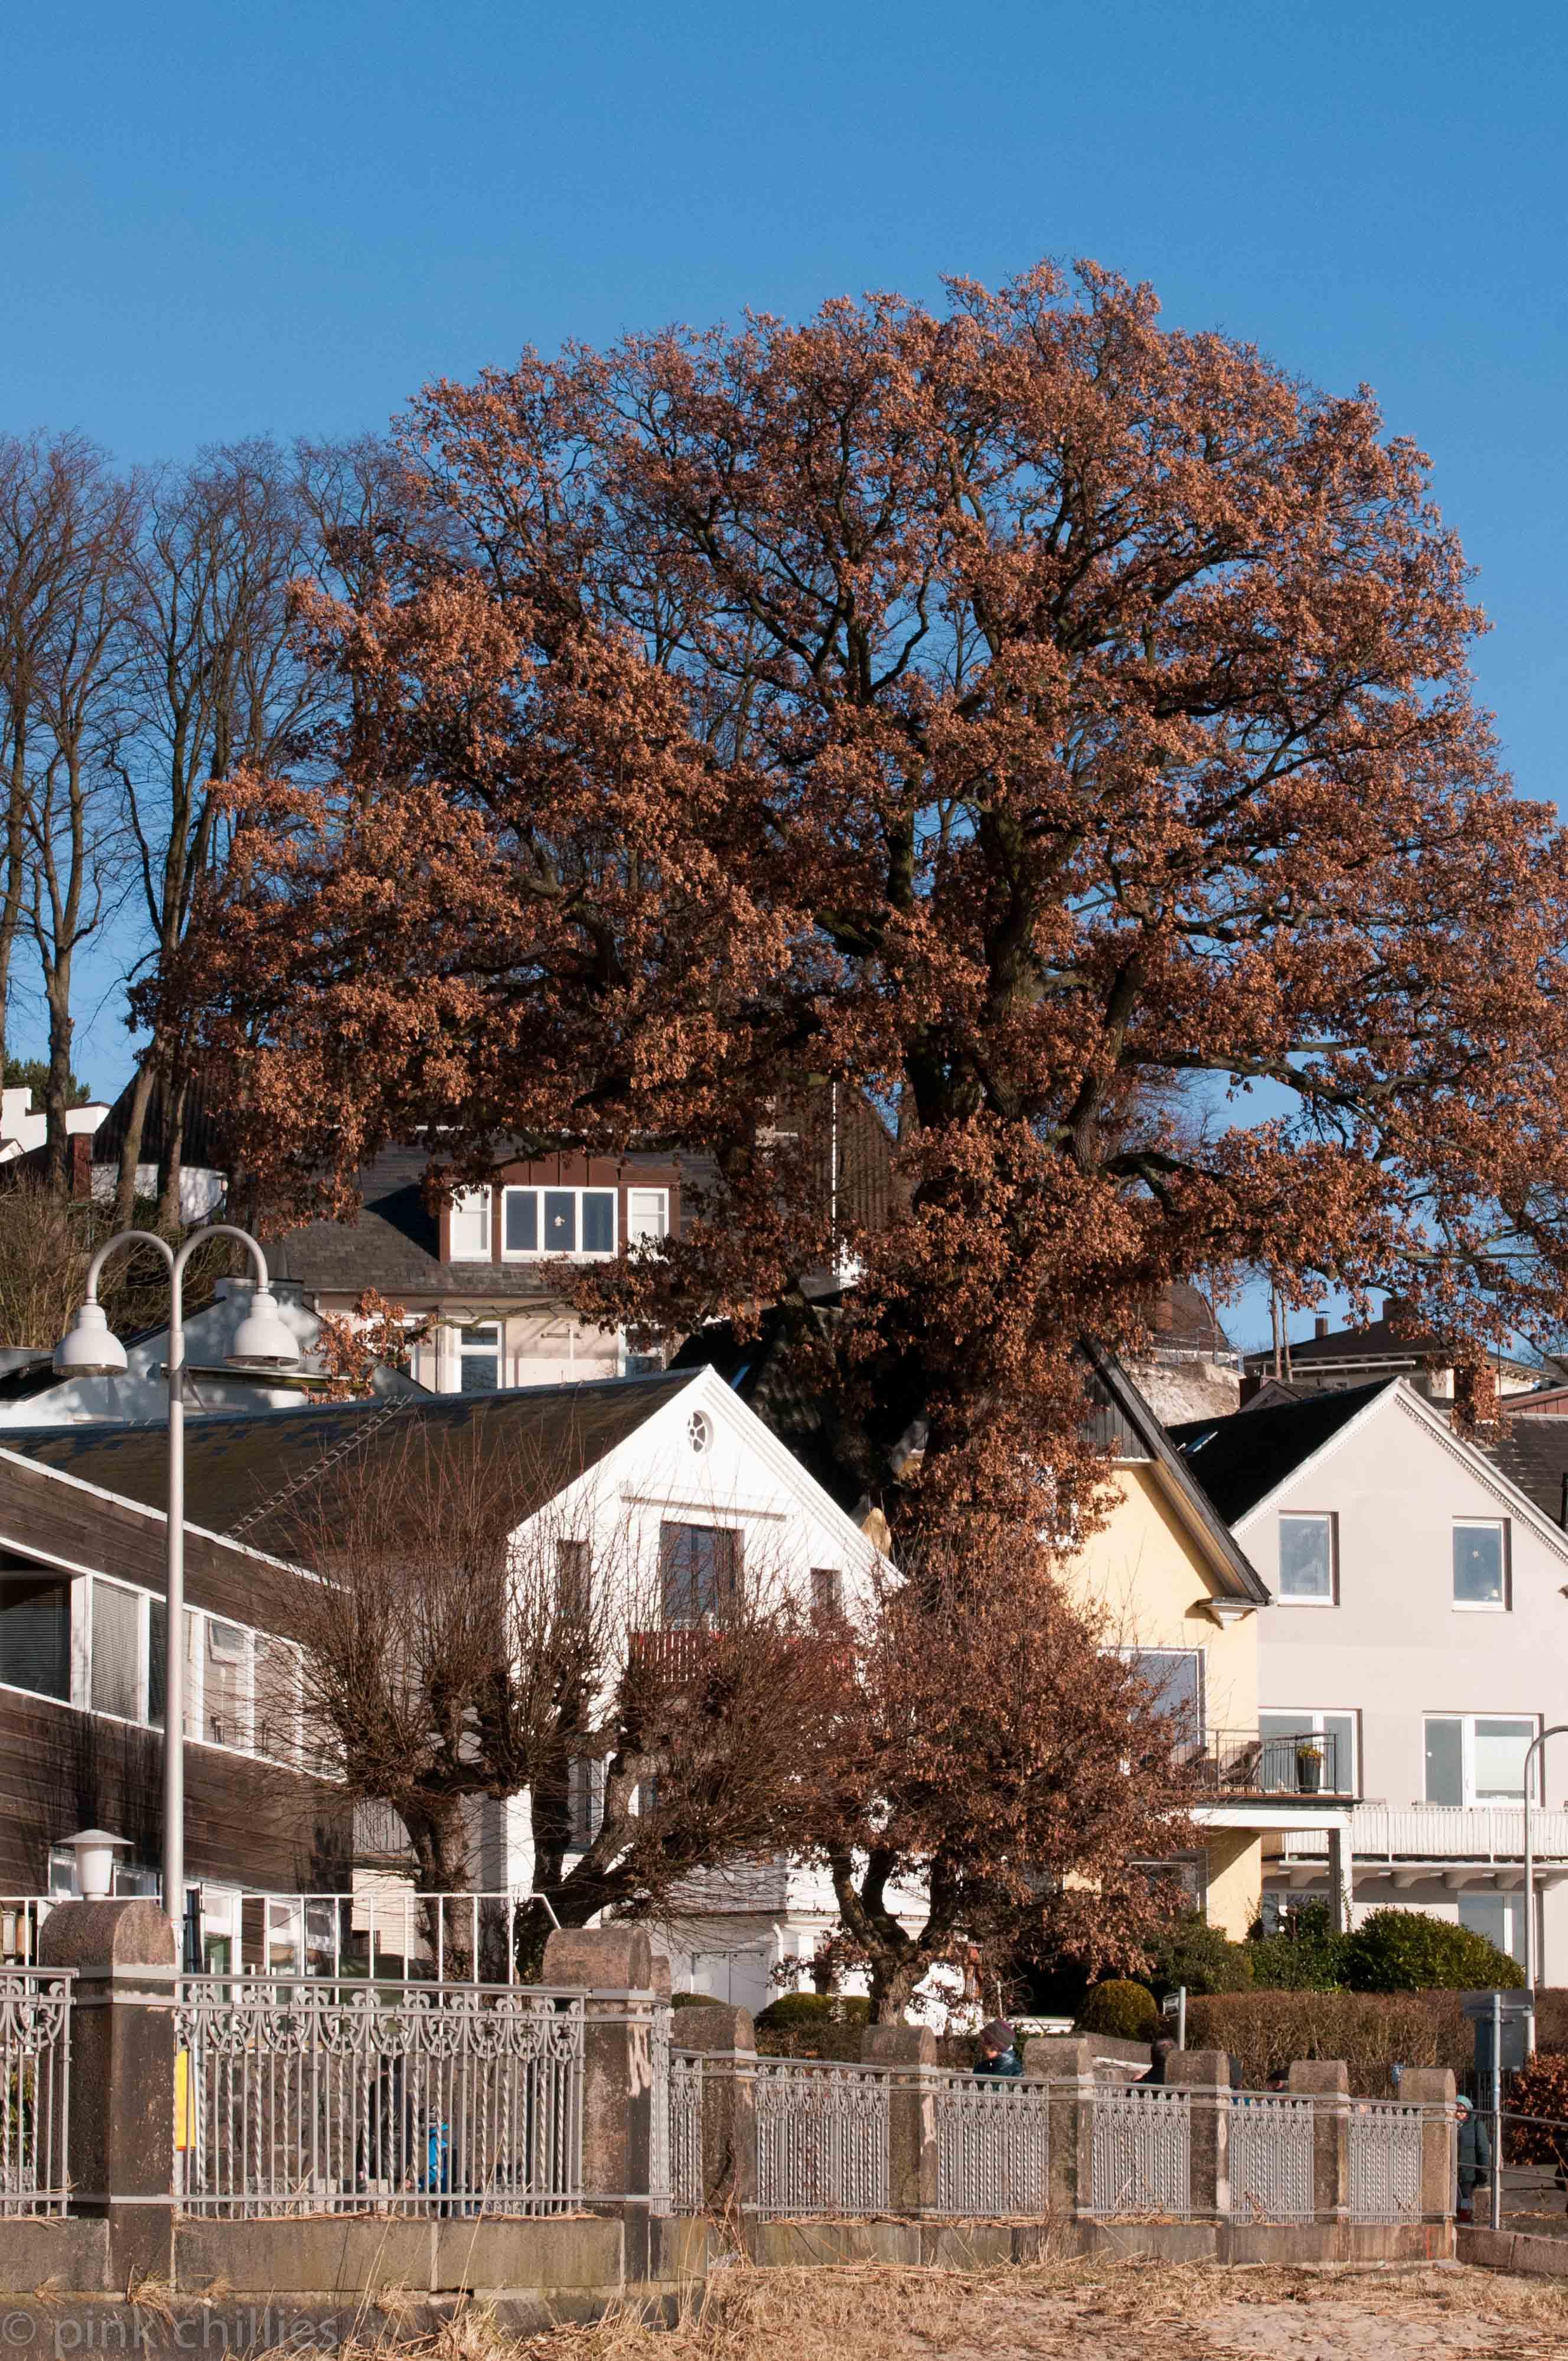 Baum mit vertrockneten Blättern